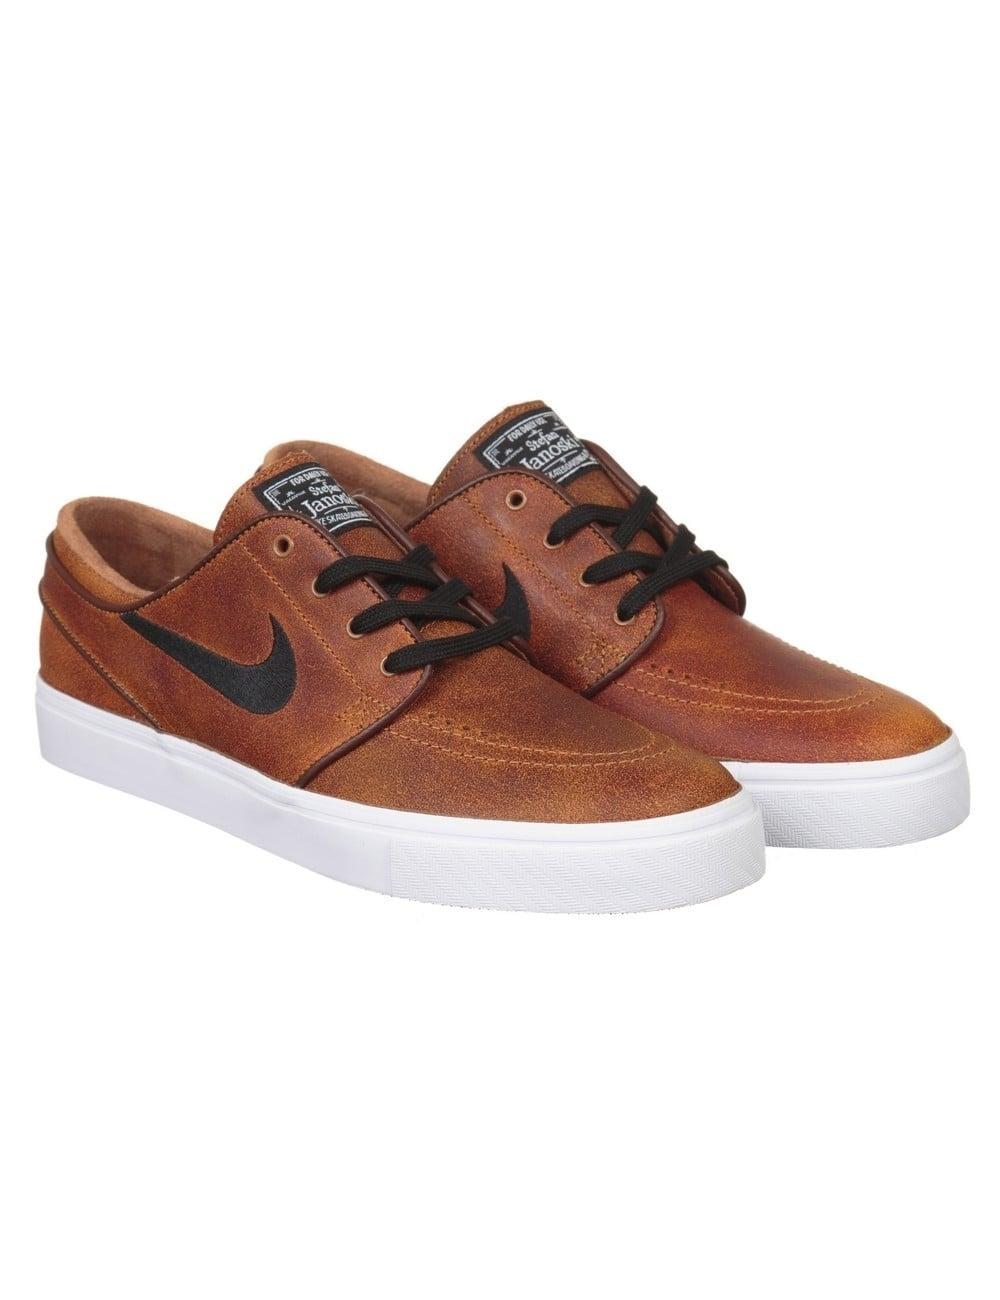 Nike SB Stefan Janoski Elite Shoes - Ale Brown Black - Footwear from ... 3fcb3c698